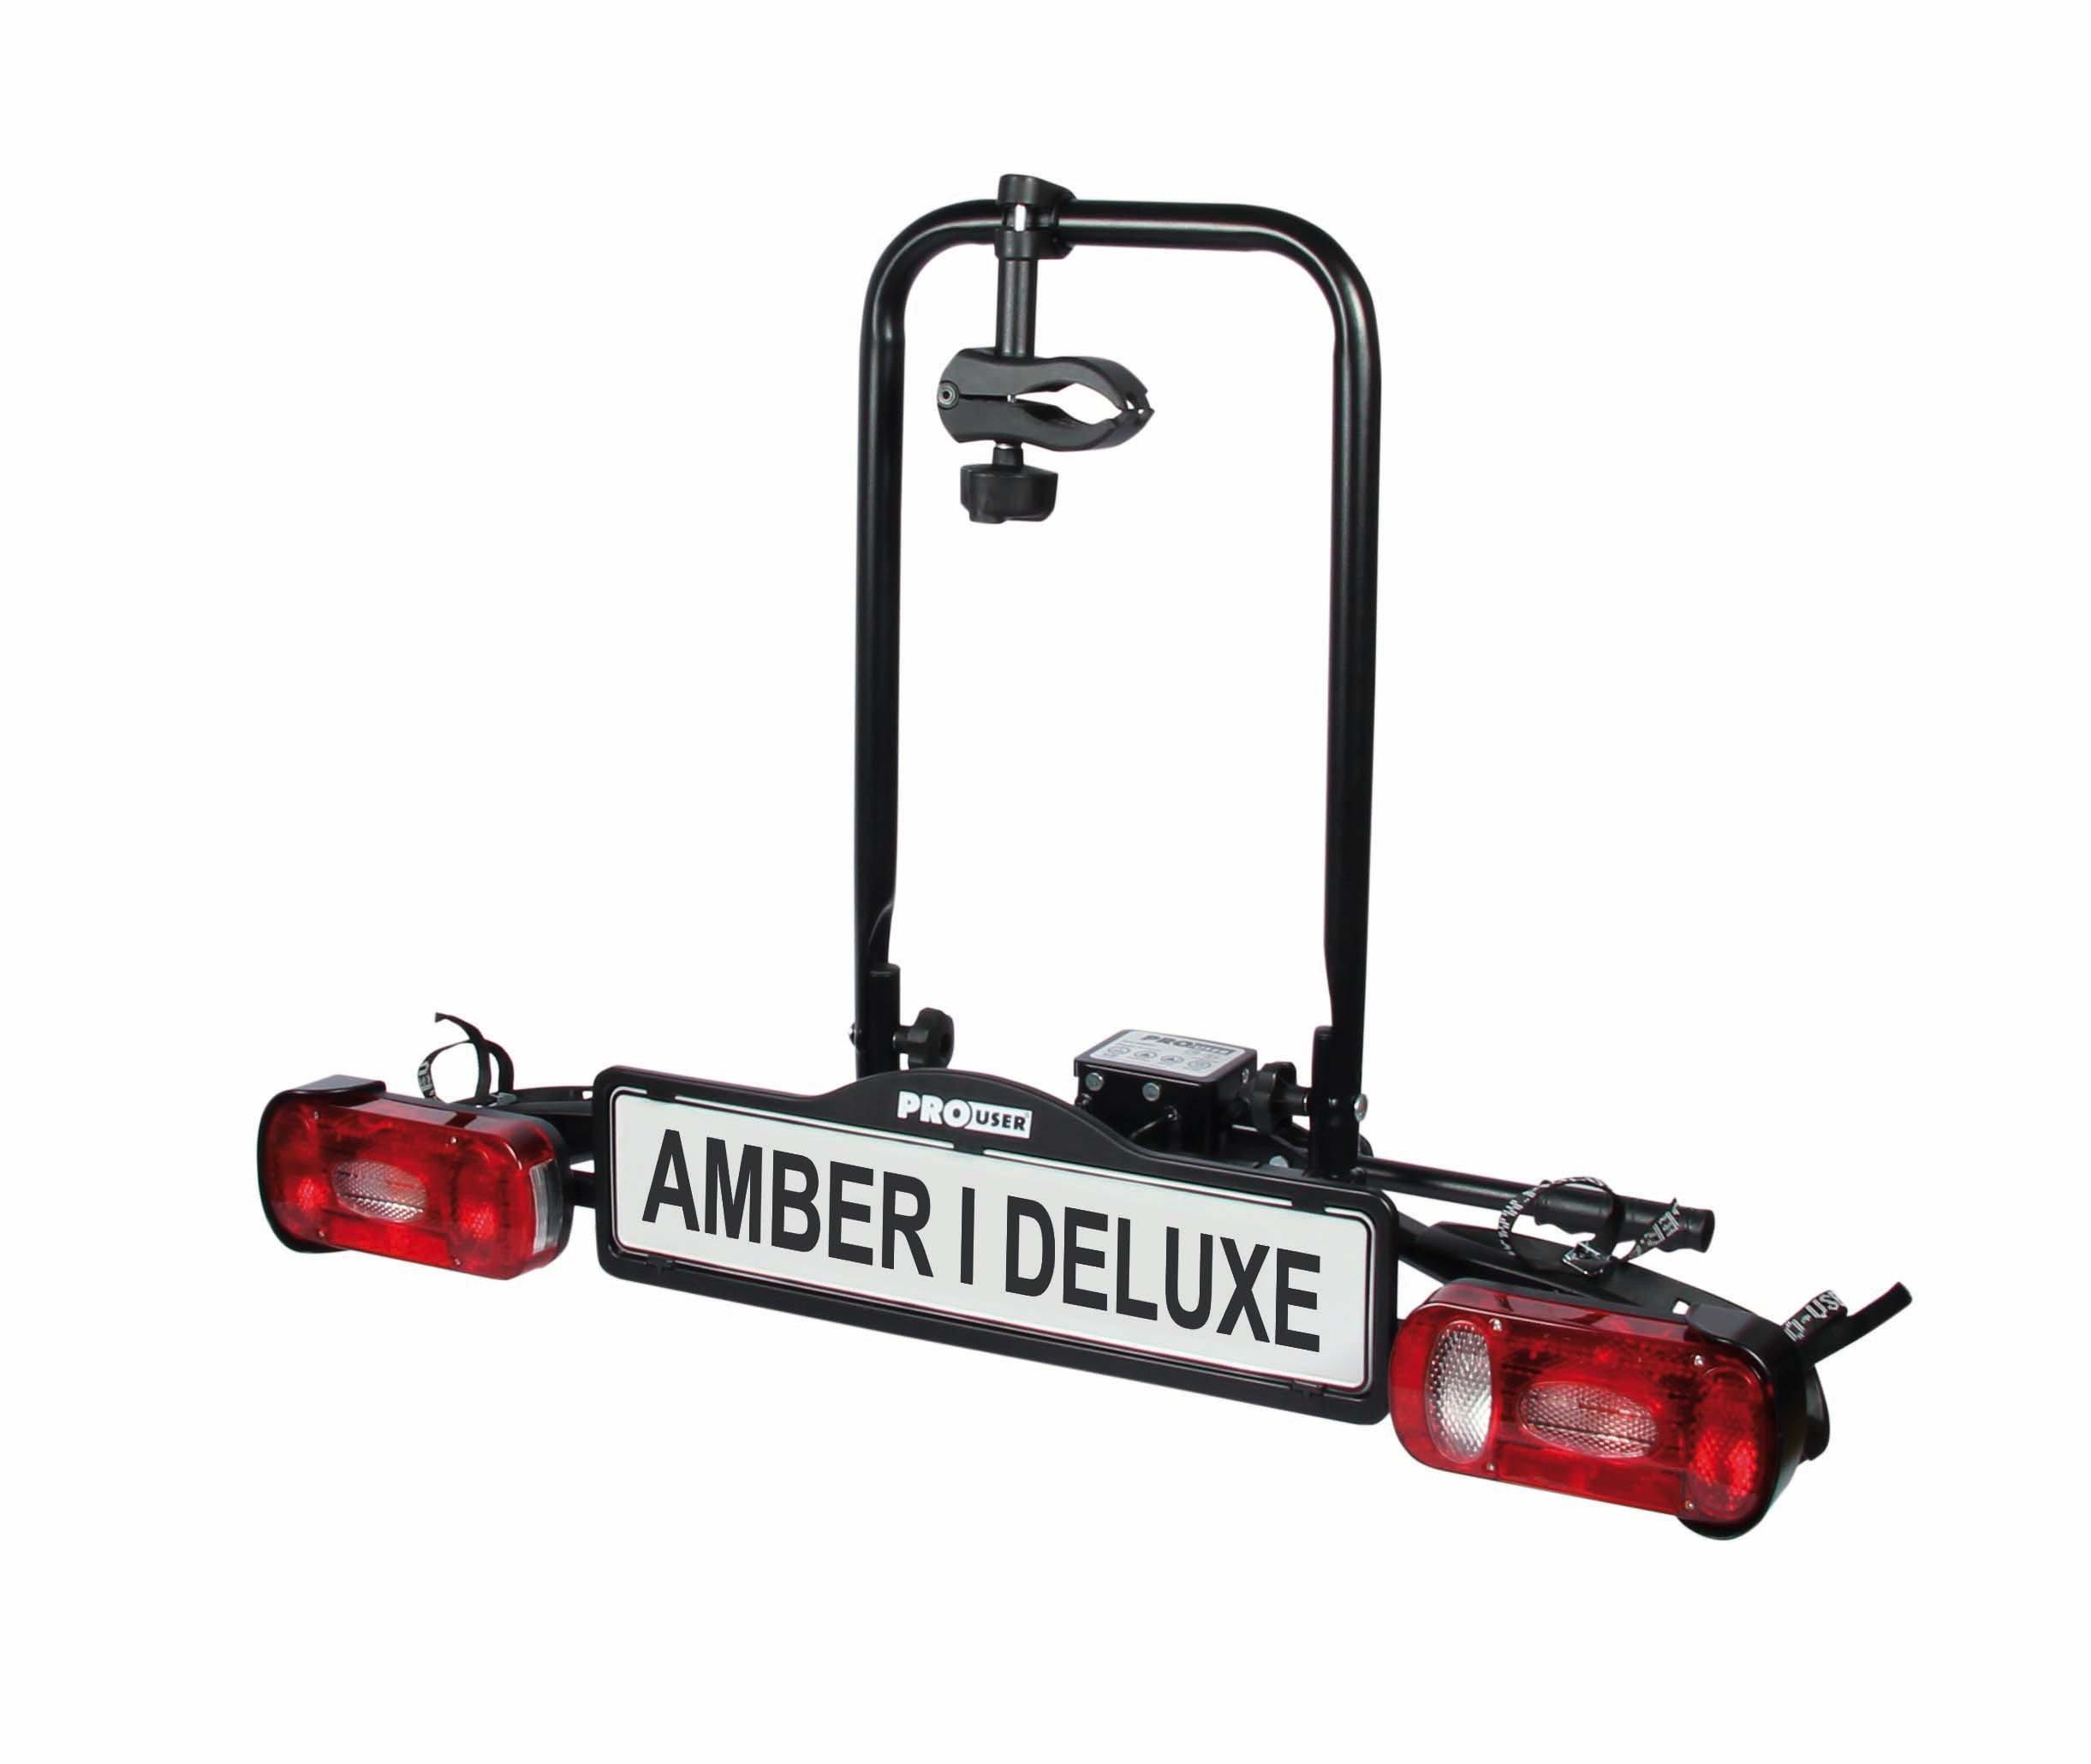 ProUser Amber Deluxe I Cykelholder til 1 cykel - 1.349,00   Car racks